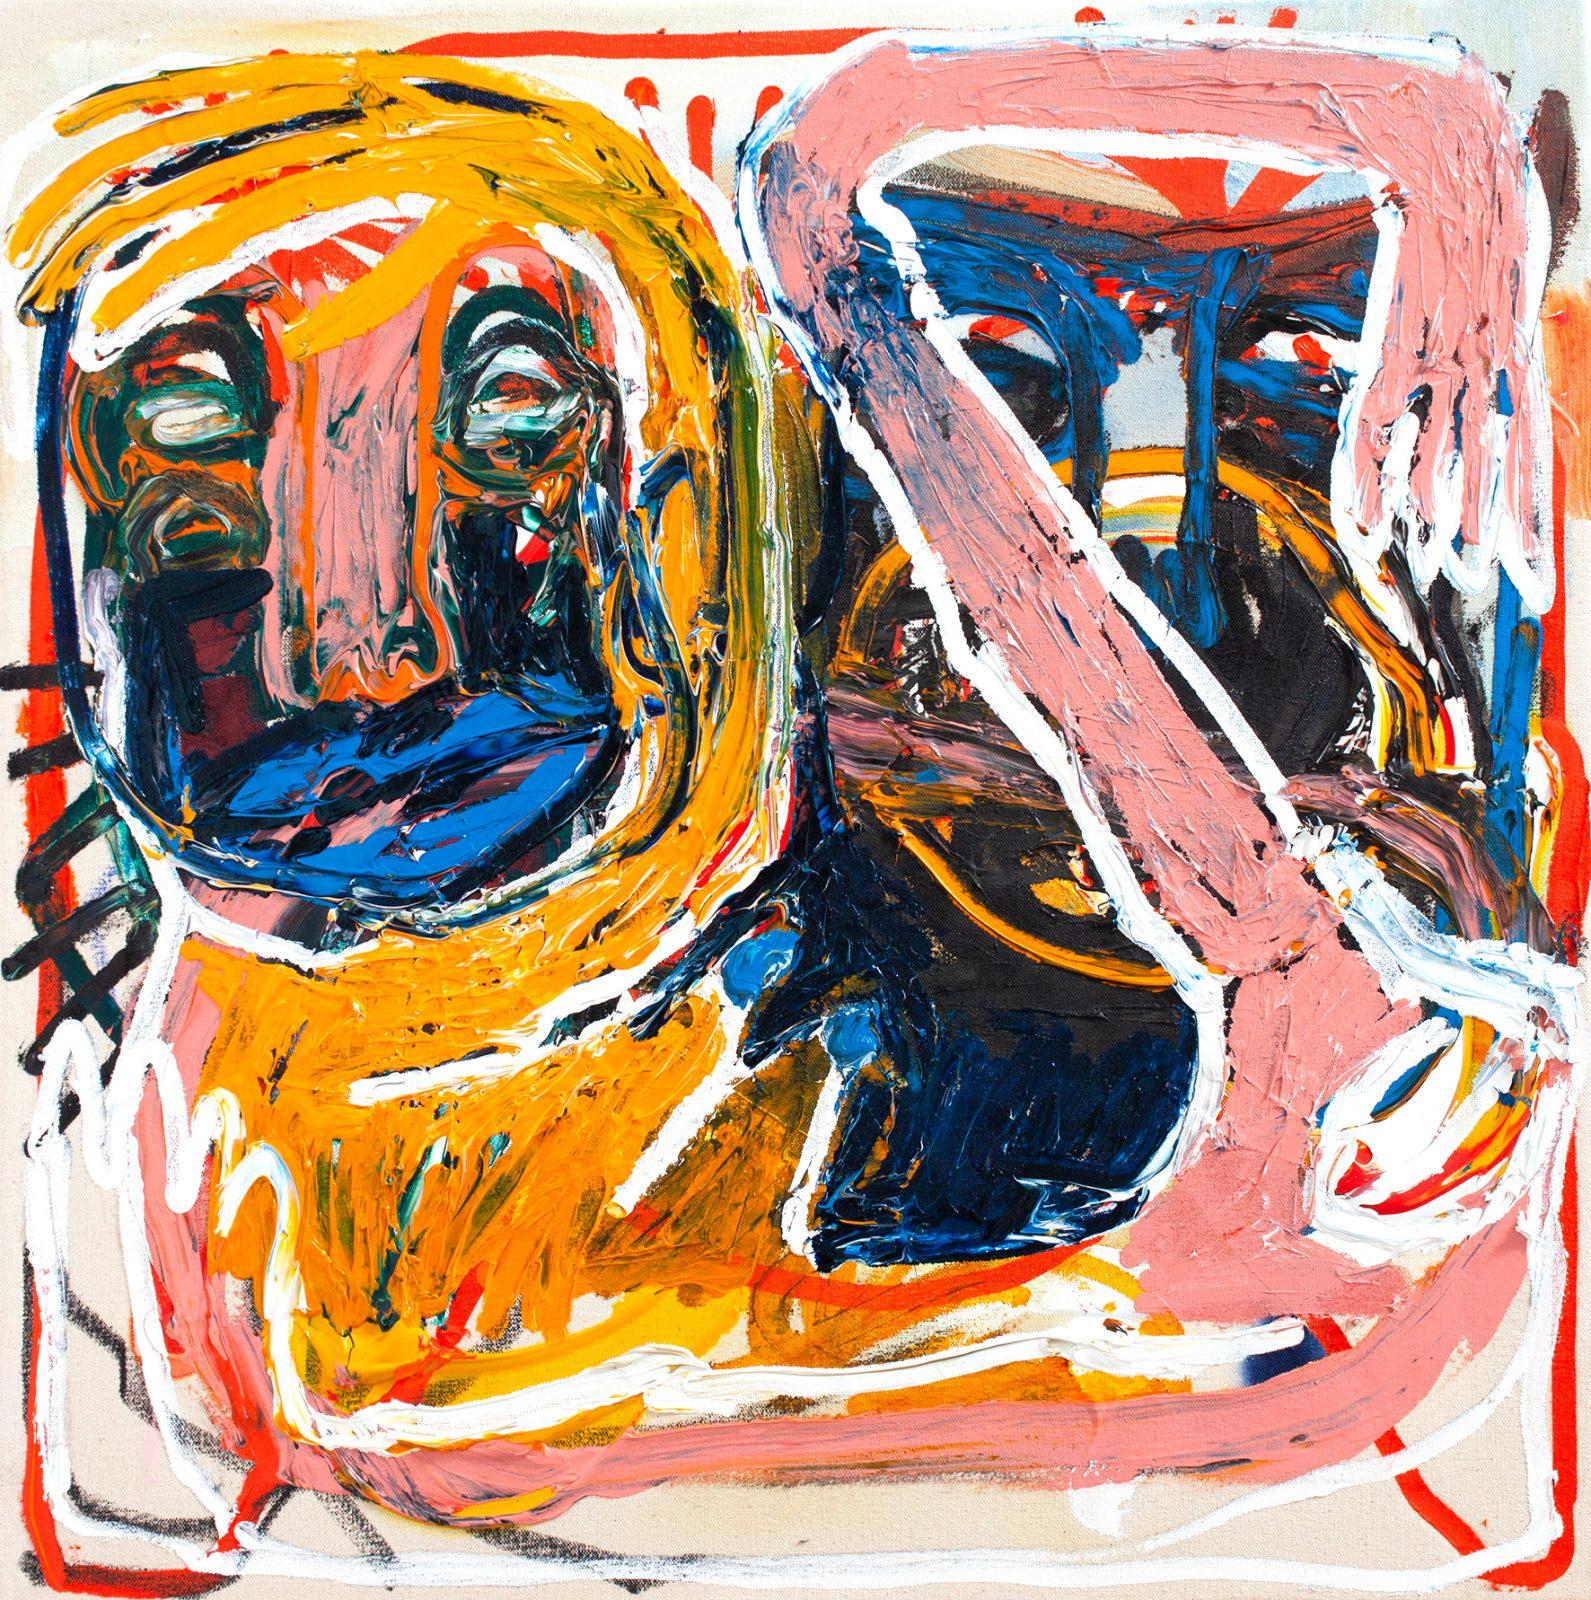 NÖ Waldviertel Galerie Kunst - Das war: Denise Rudolf Frank